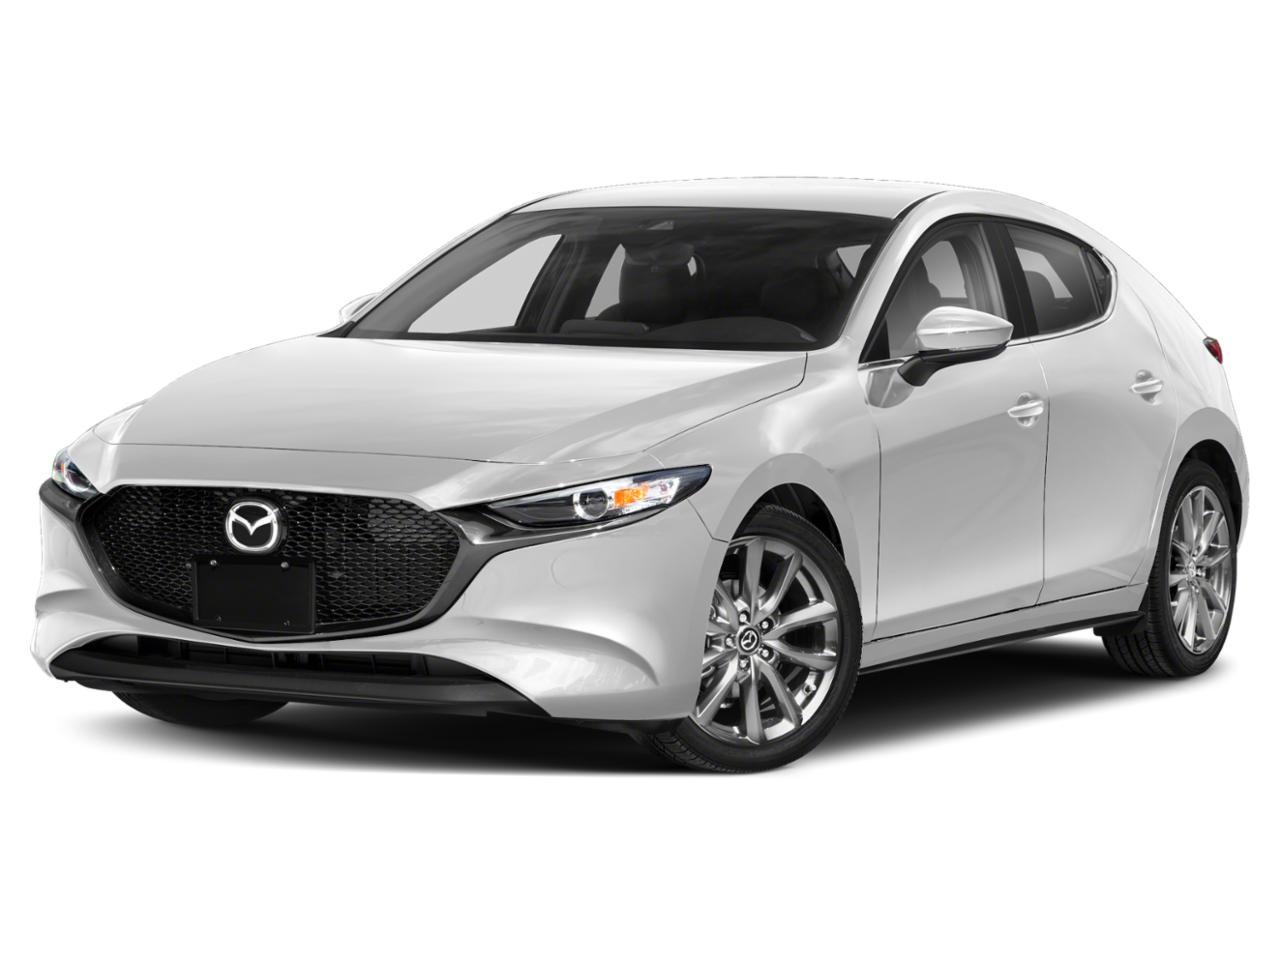 2019 Mazda Mazda3 Hatchback Vehicle Photo in Wilmington, NC 28405